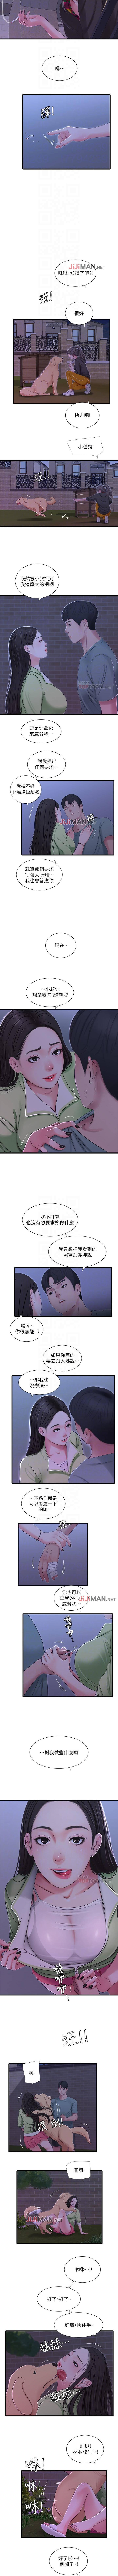 【周四连载】亲家四姐妹(作者:愛摸) 第1~37话 186